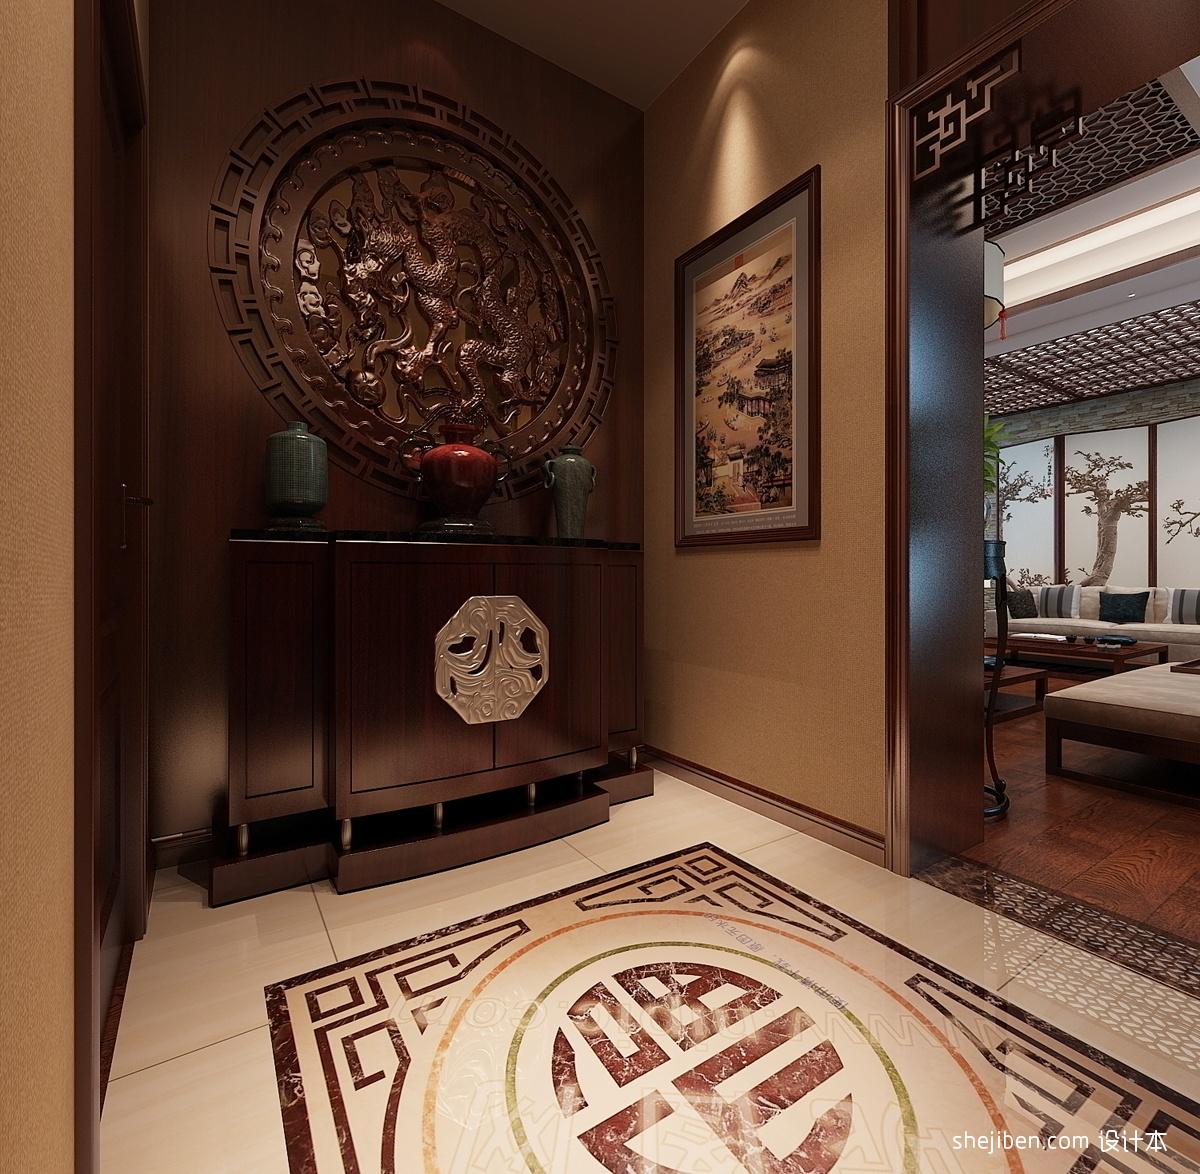 中式玄关装修效果图进门 新中式正对大门玄关效果图 中式玄关装修效果图片